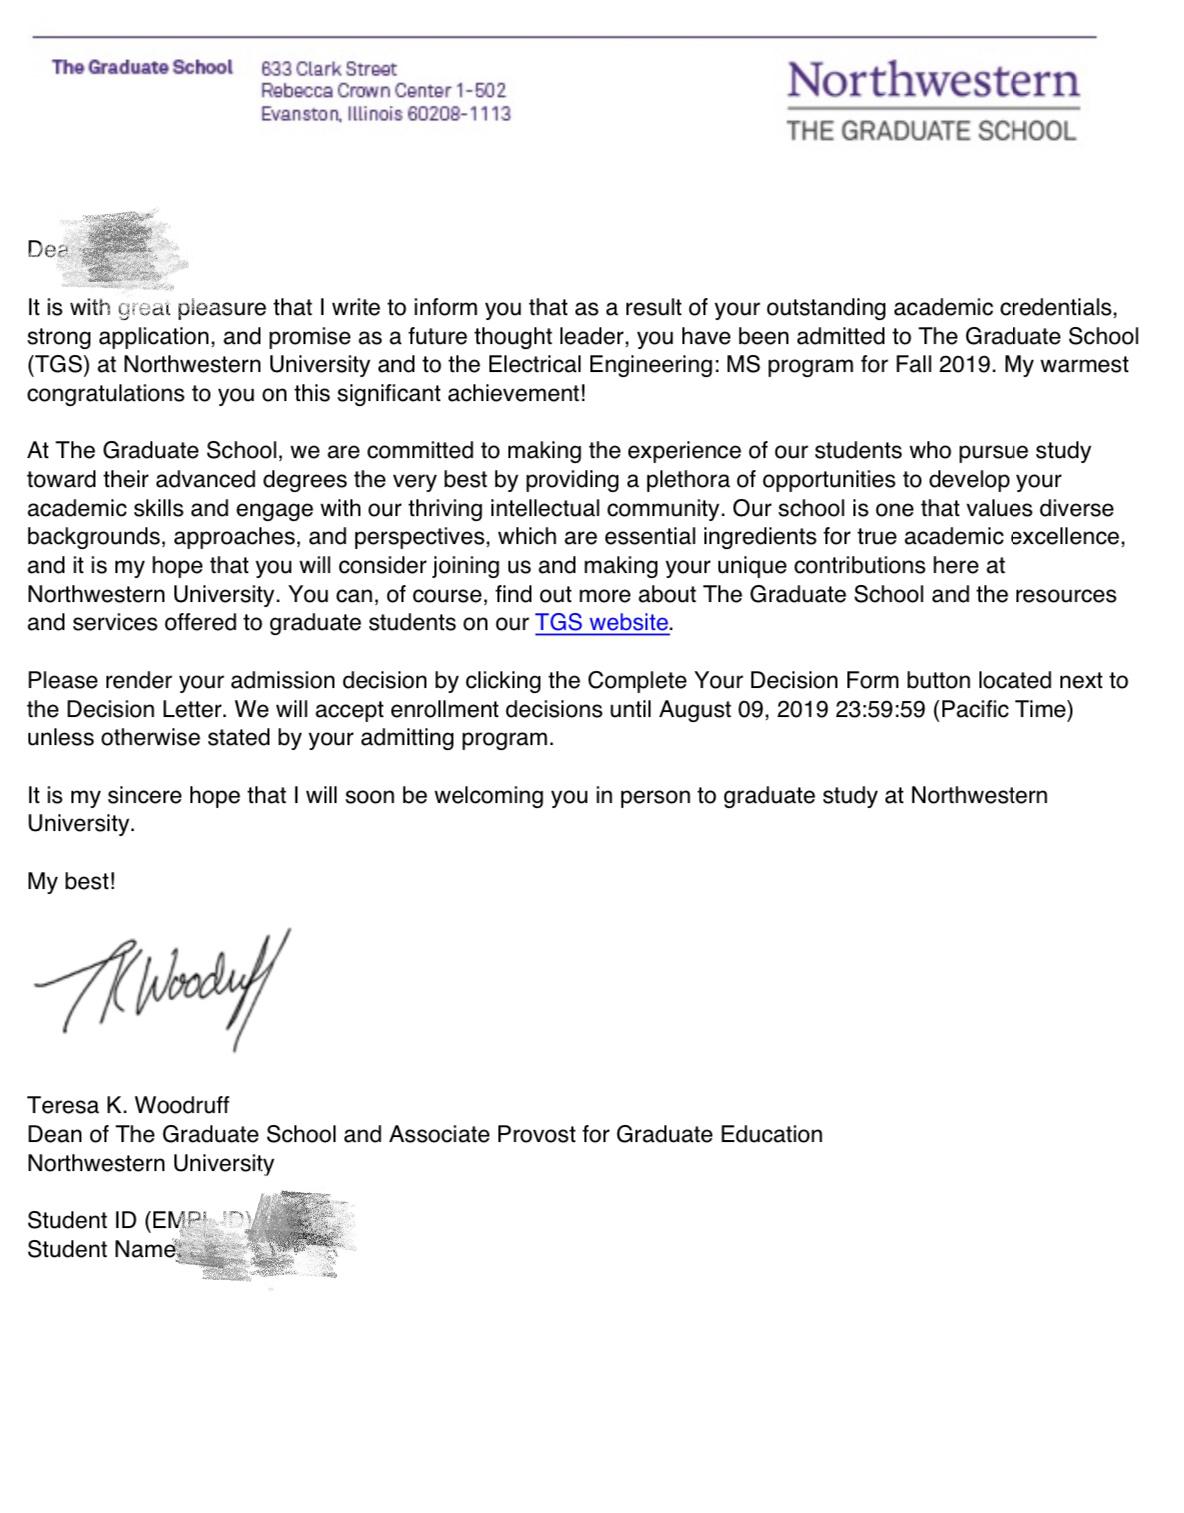 低GPA完美逆袭拿下西北大学offer!